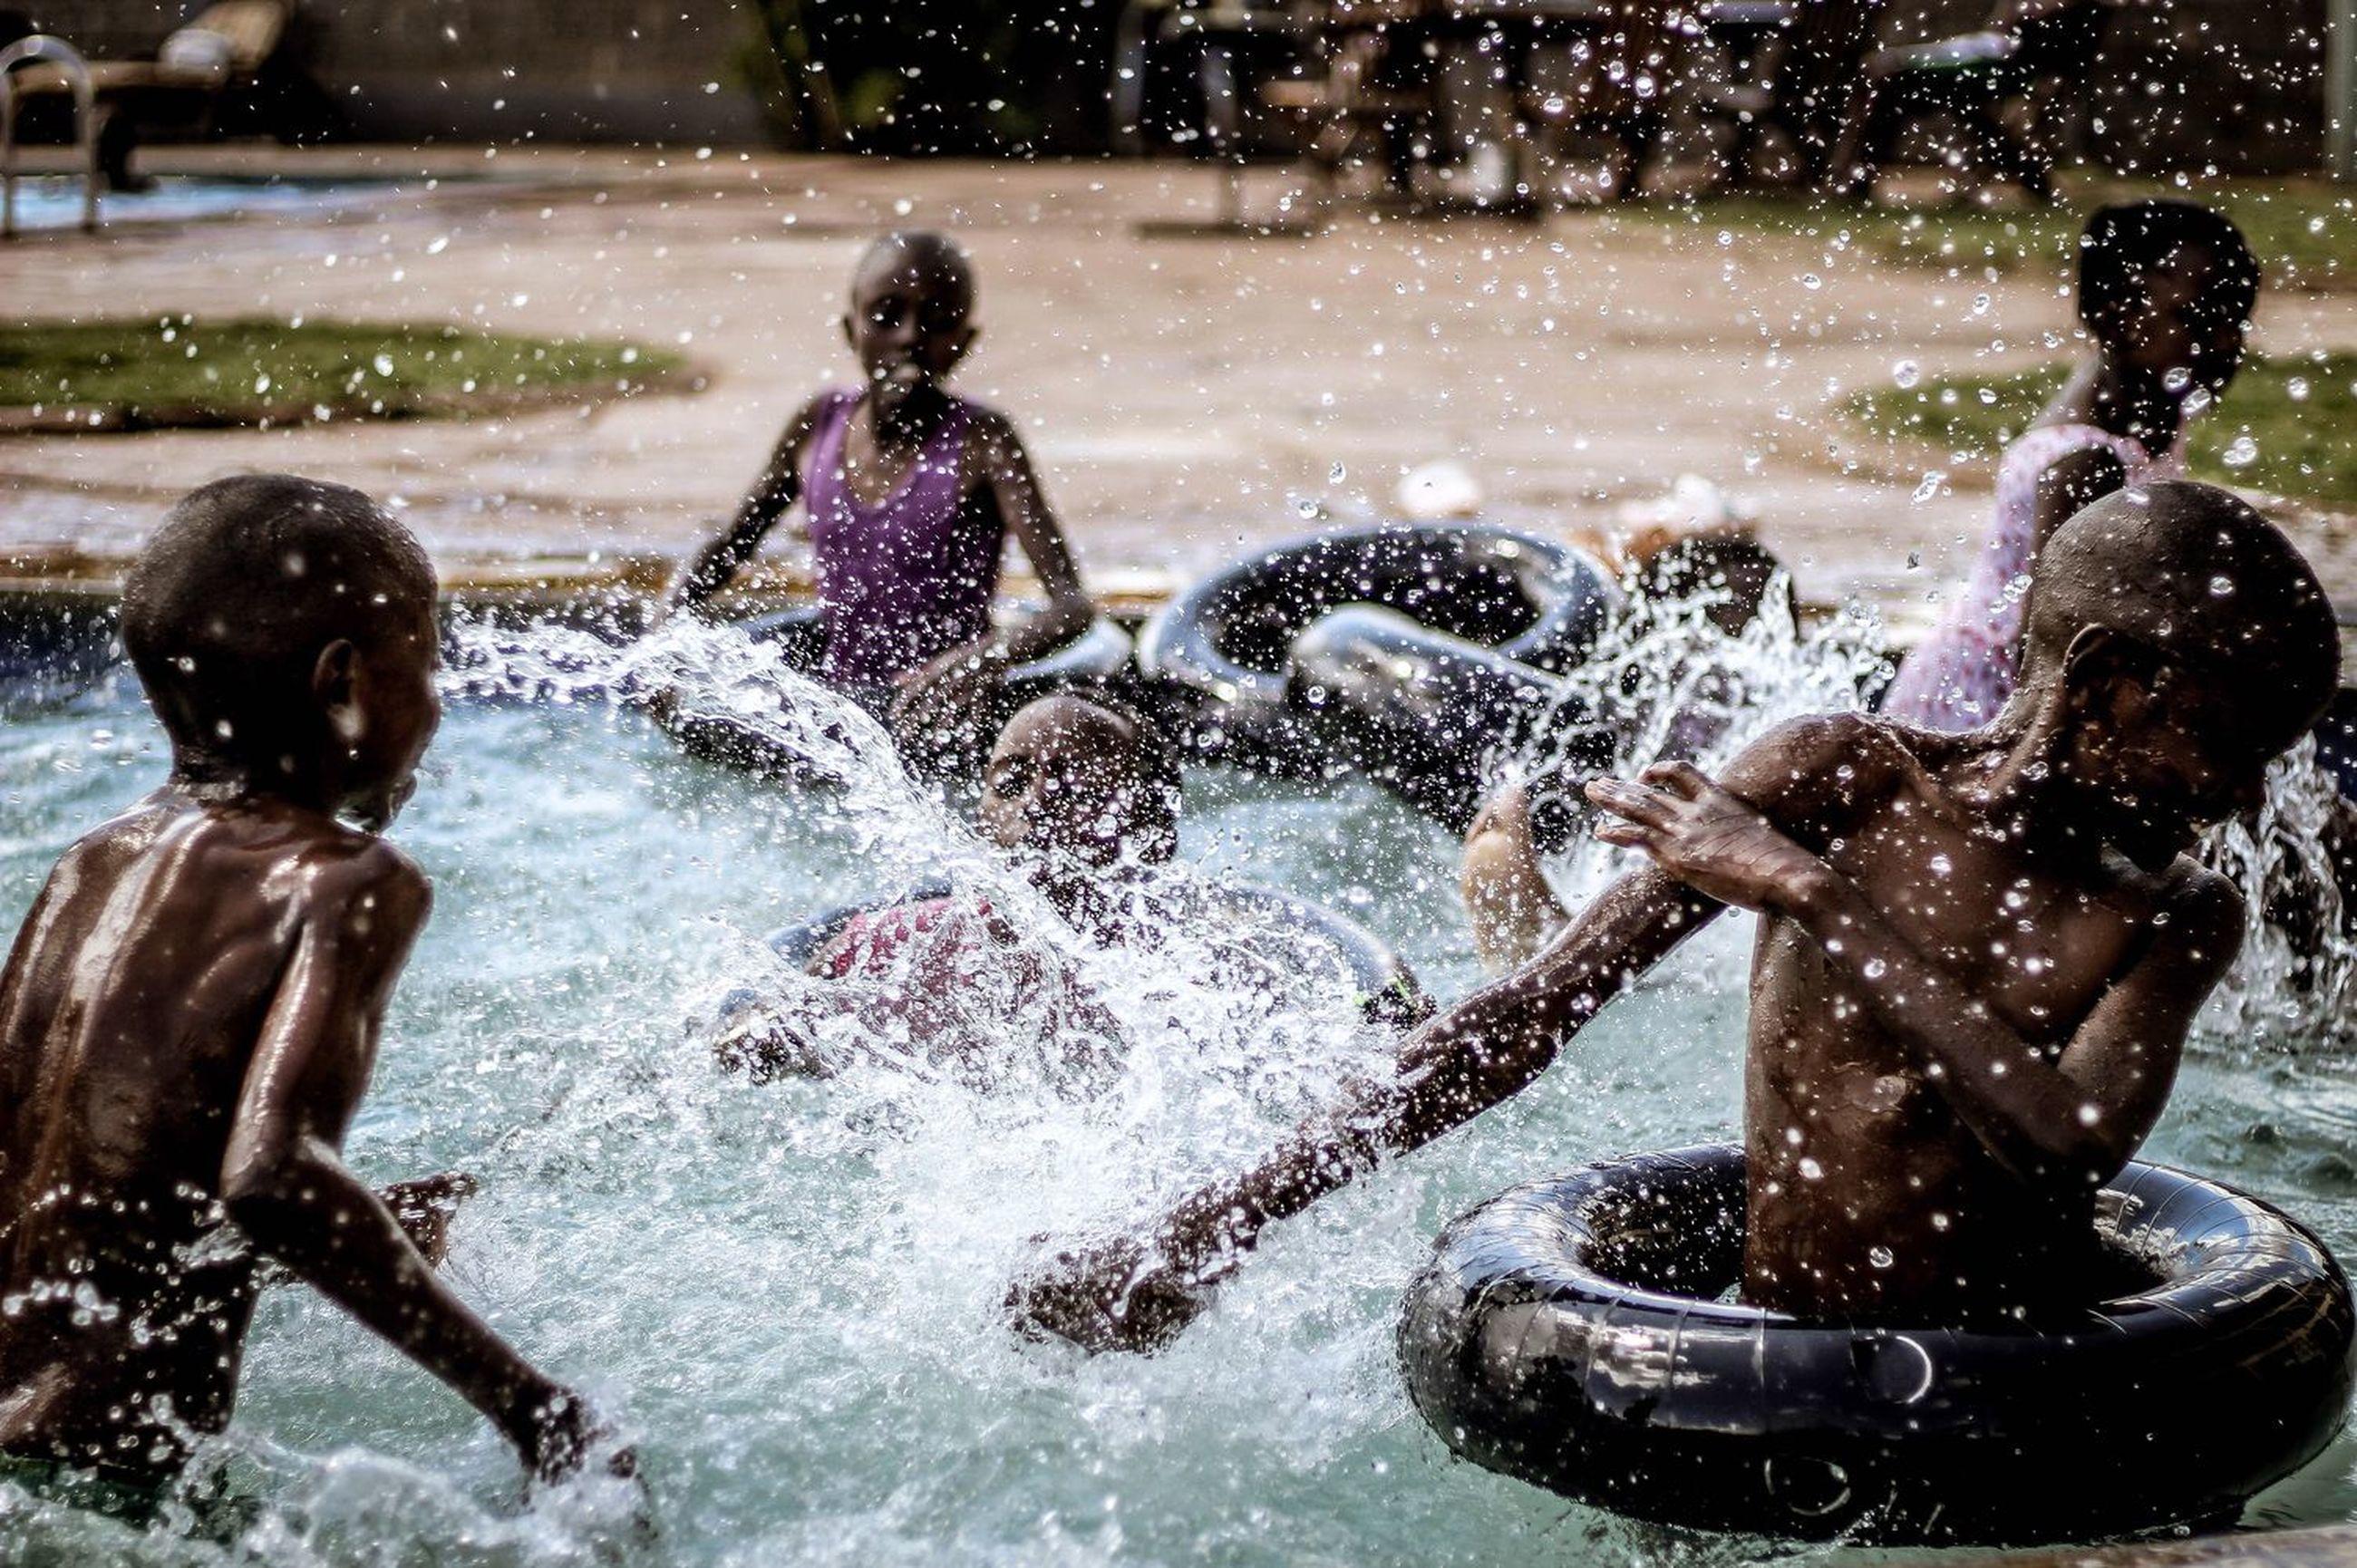 splashing, water, motion, fun, outdoors, day, real people, swimming pool, swimming, spraying